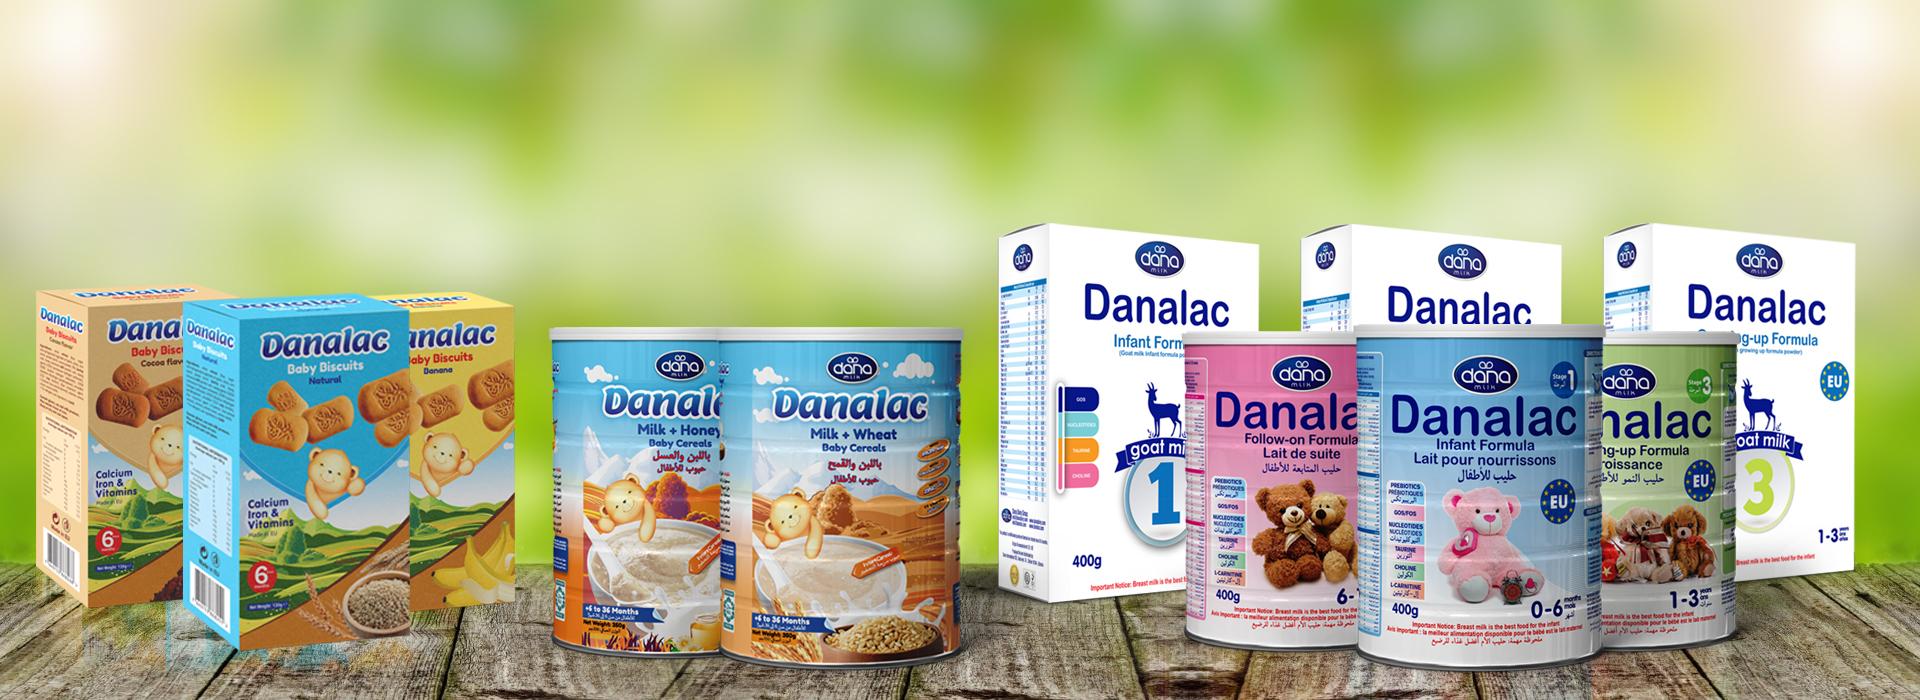 Danalac-Banner-4